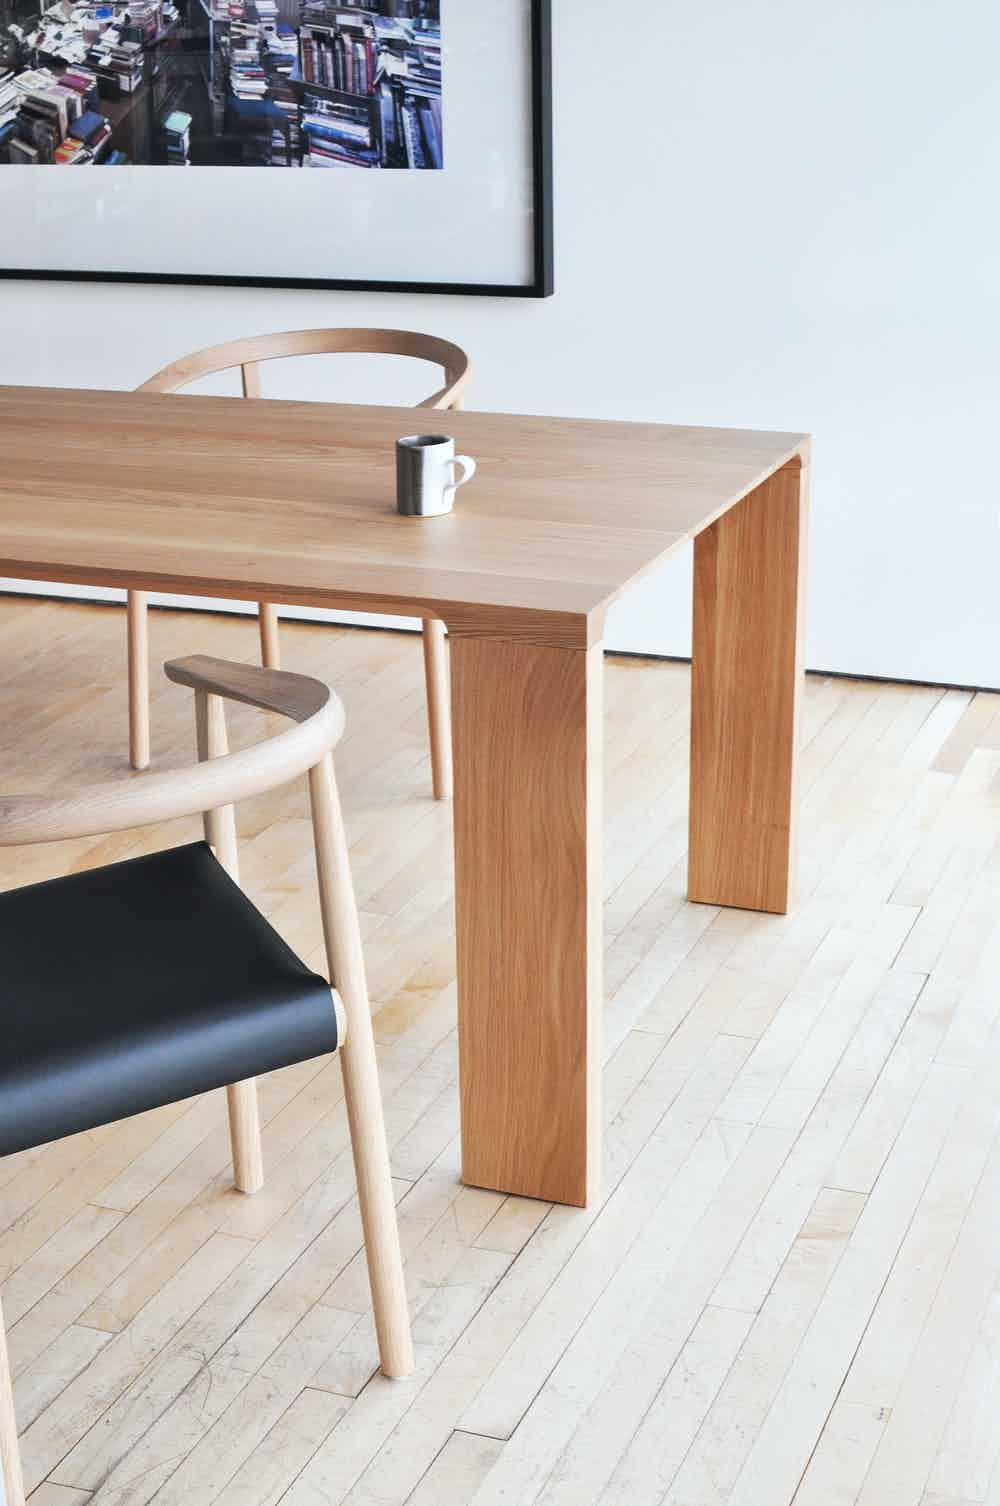 Bensen furniture radii table side haute living